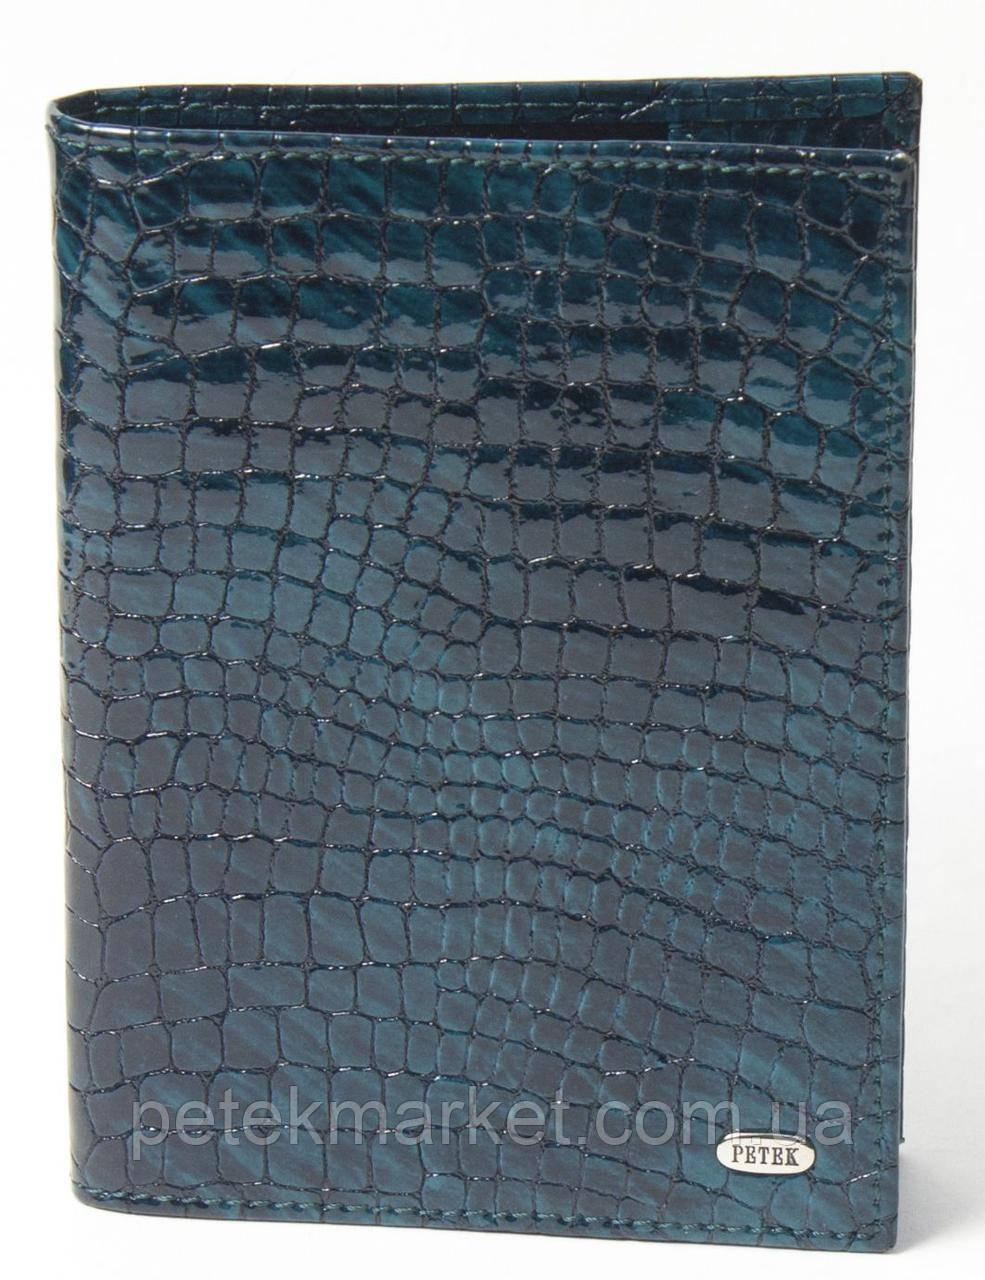 Обложка для паспорта PETEK 581 Красный (581-46B-10)